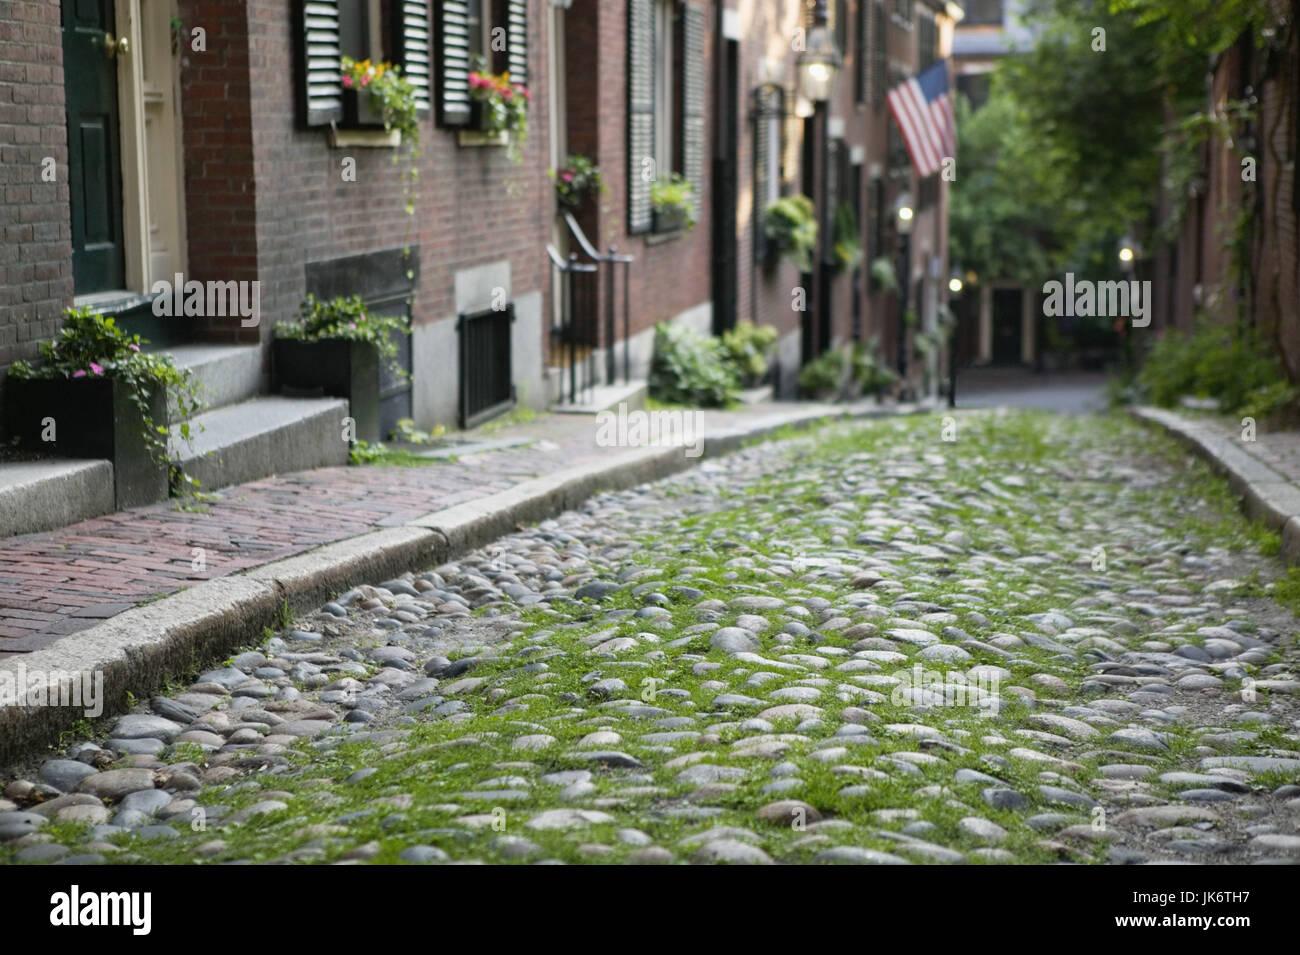 USA, Massachusetts, Boston, Beacon Hill, Acorn Street, Menschenleer, Amerika, Nordamerika, Gasse, Häuserreihe, Stockbild